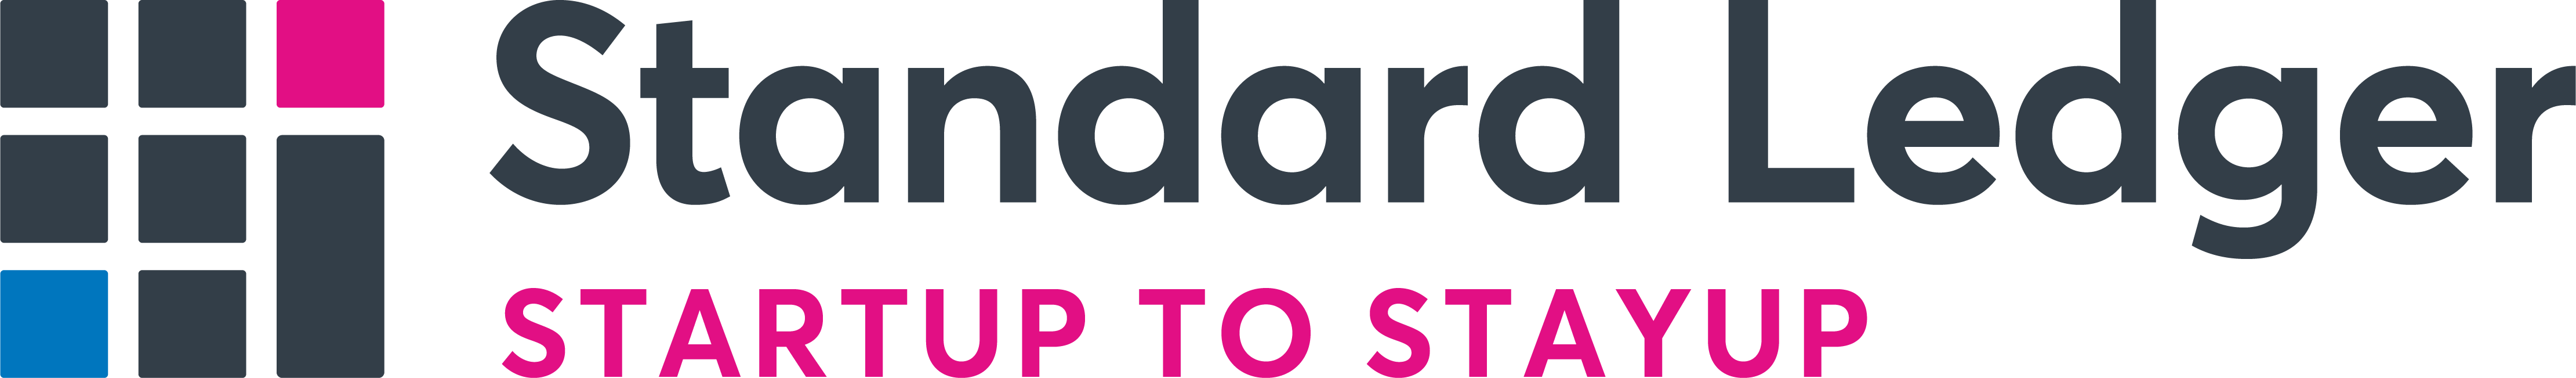 standard-ledger